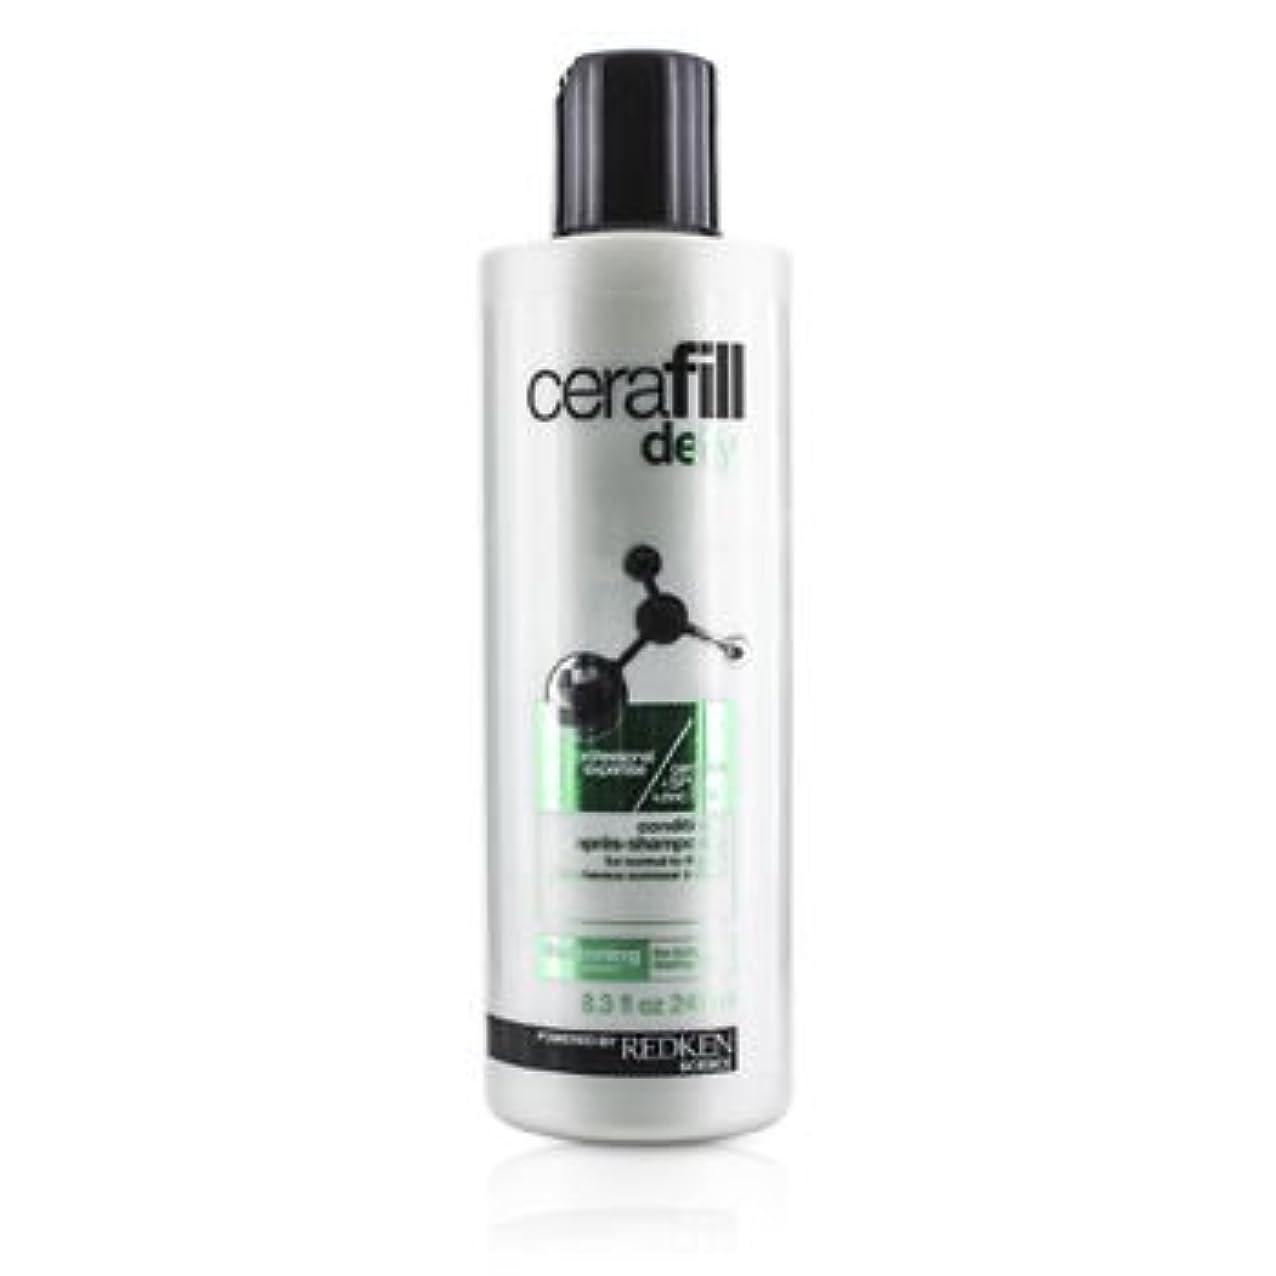 再生九吹きさらし[Redken] Cerafill Defy Thickening Conditioner (For Normal to Thin Hair) 245ml/8.3oz